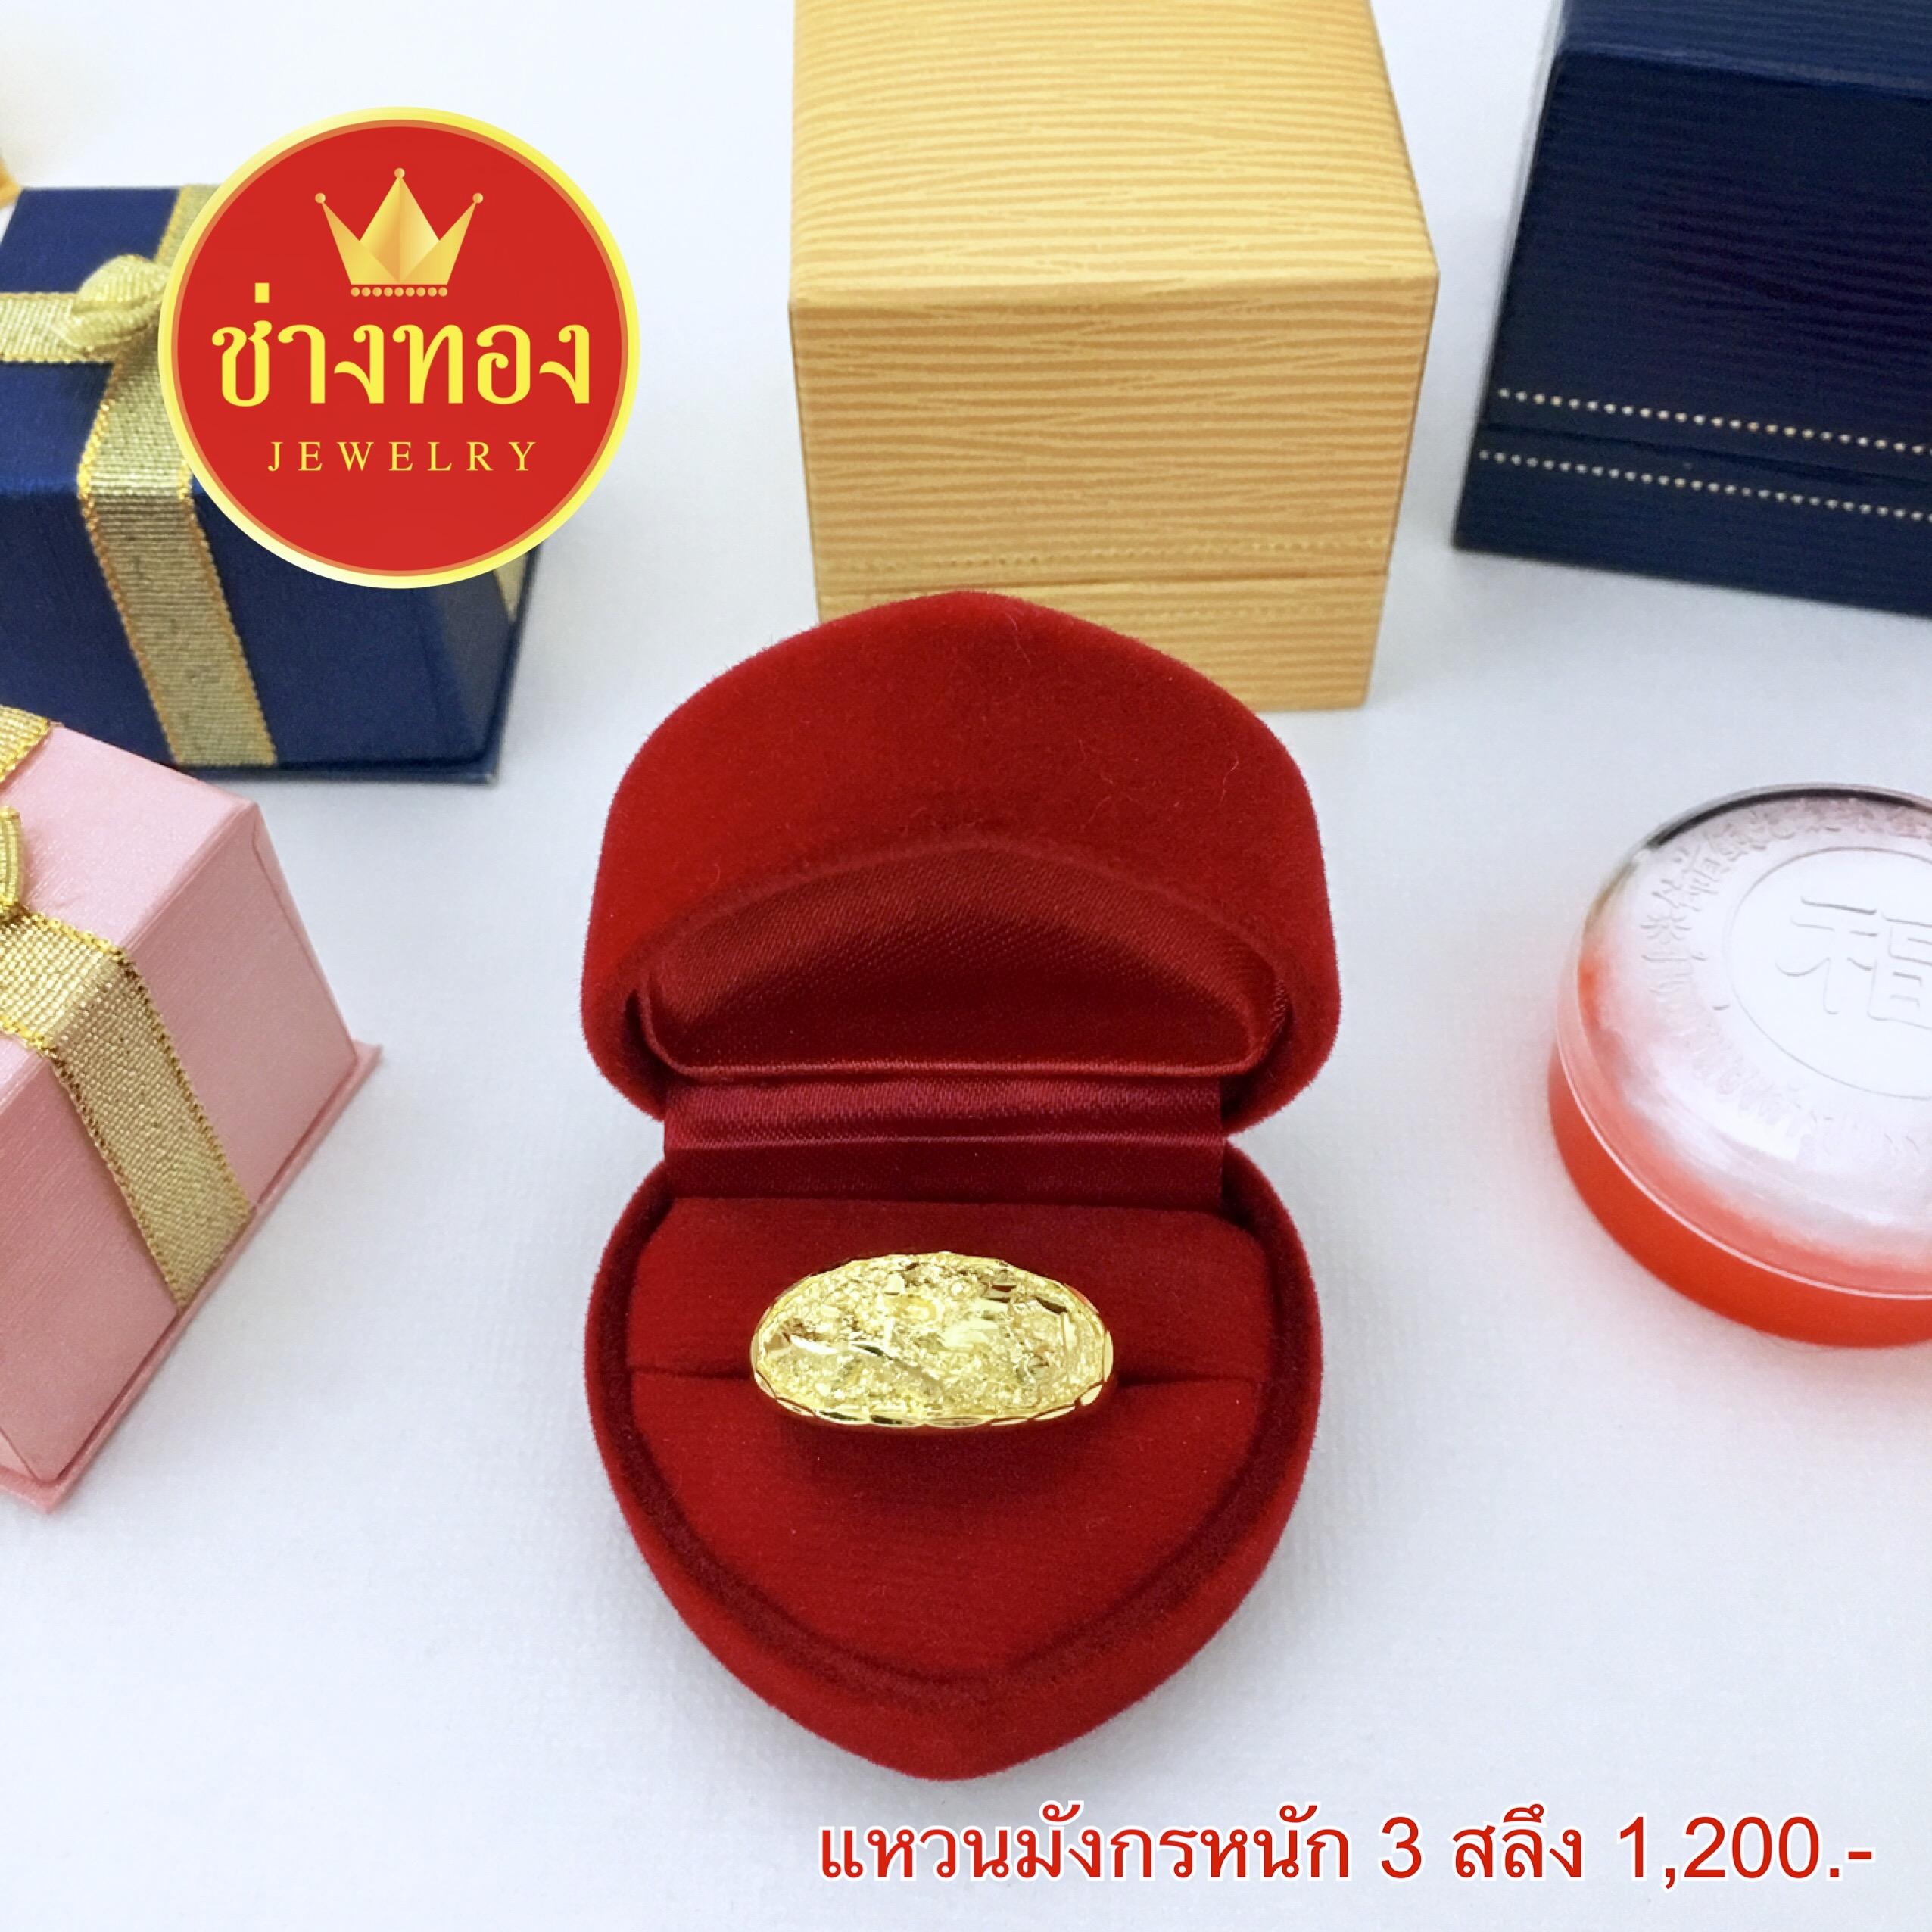 แหวนมังกรเสริมบารมี 3 สลึง Size 51,53,57,58,59,60,63,64